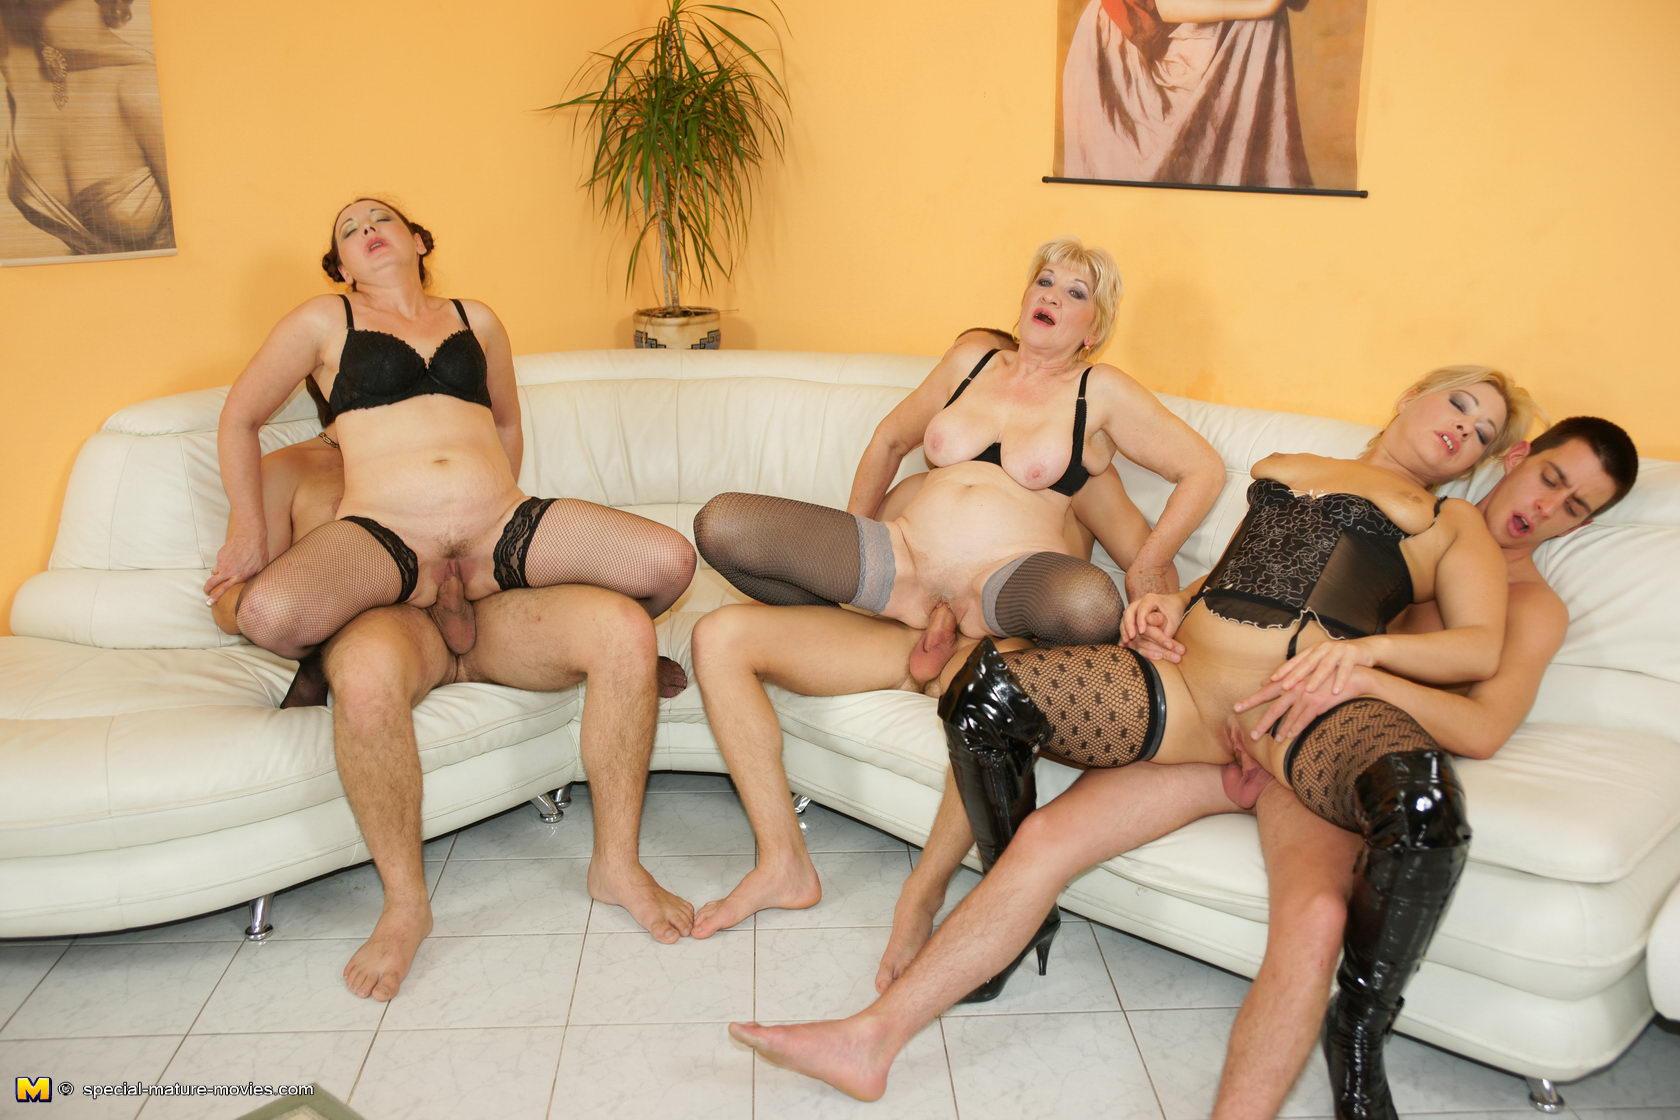 Самое извращенное групповое порно 12 фотография